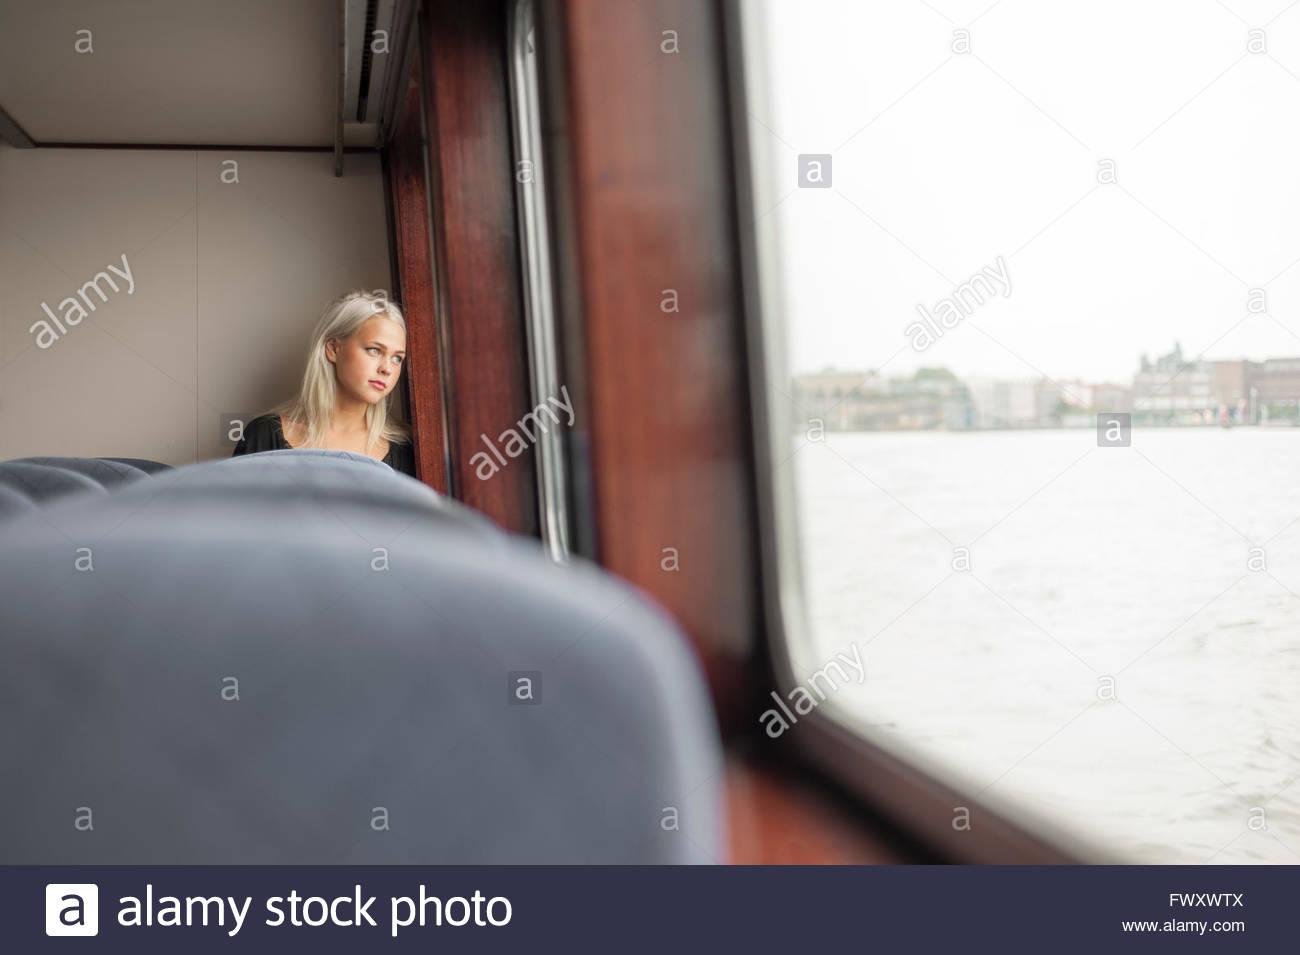 Schweden, Vastra Gotaland, Göteborg, junge Frau, die durch Fenster in Zug Stockbild